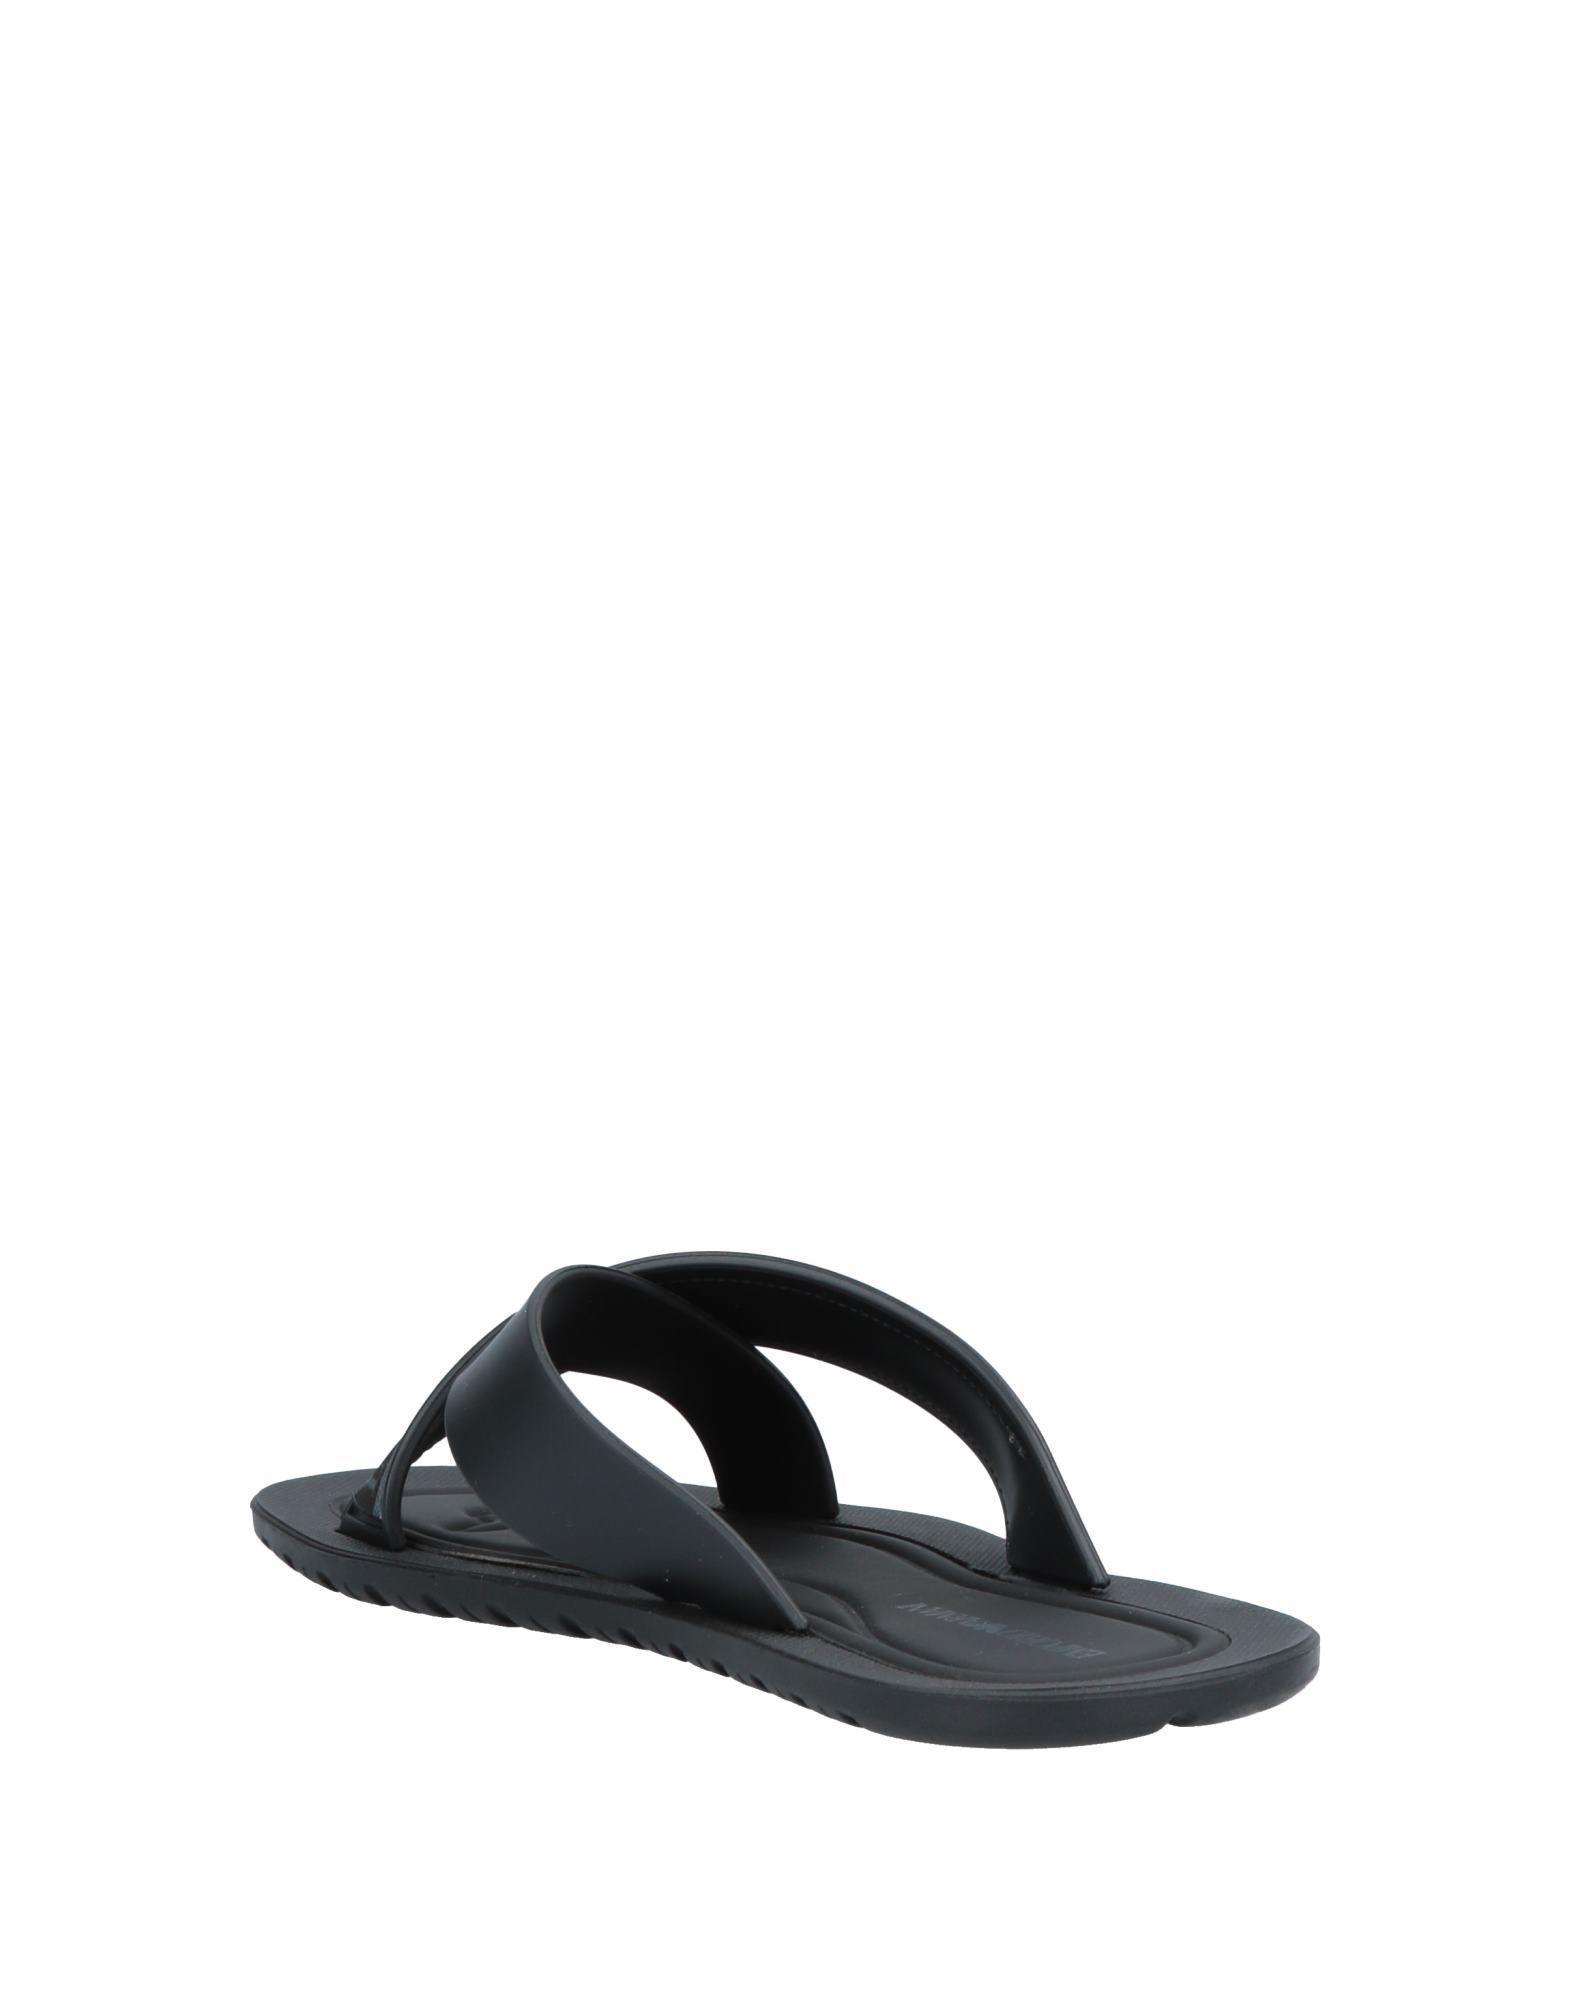 1f5d1e8812f9 Emporio Armani Sandals in Black for Men - Lyst